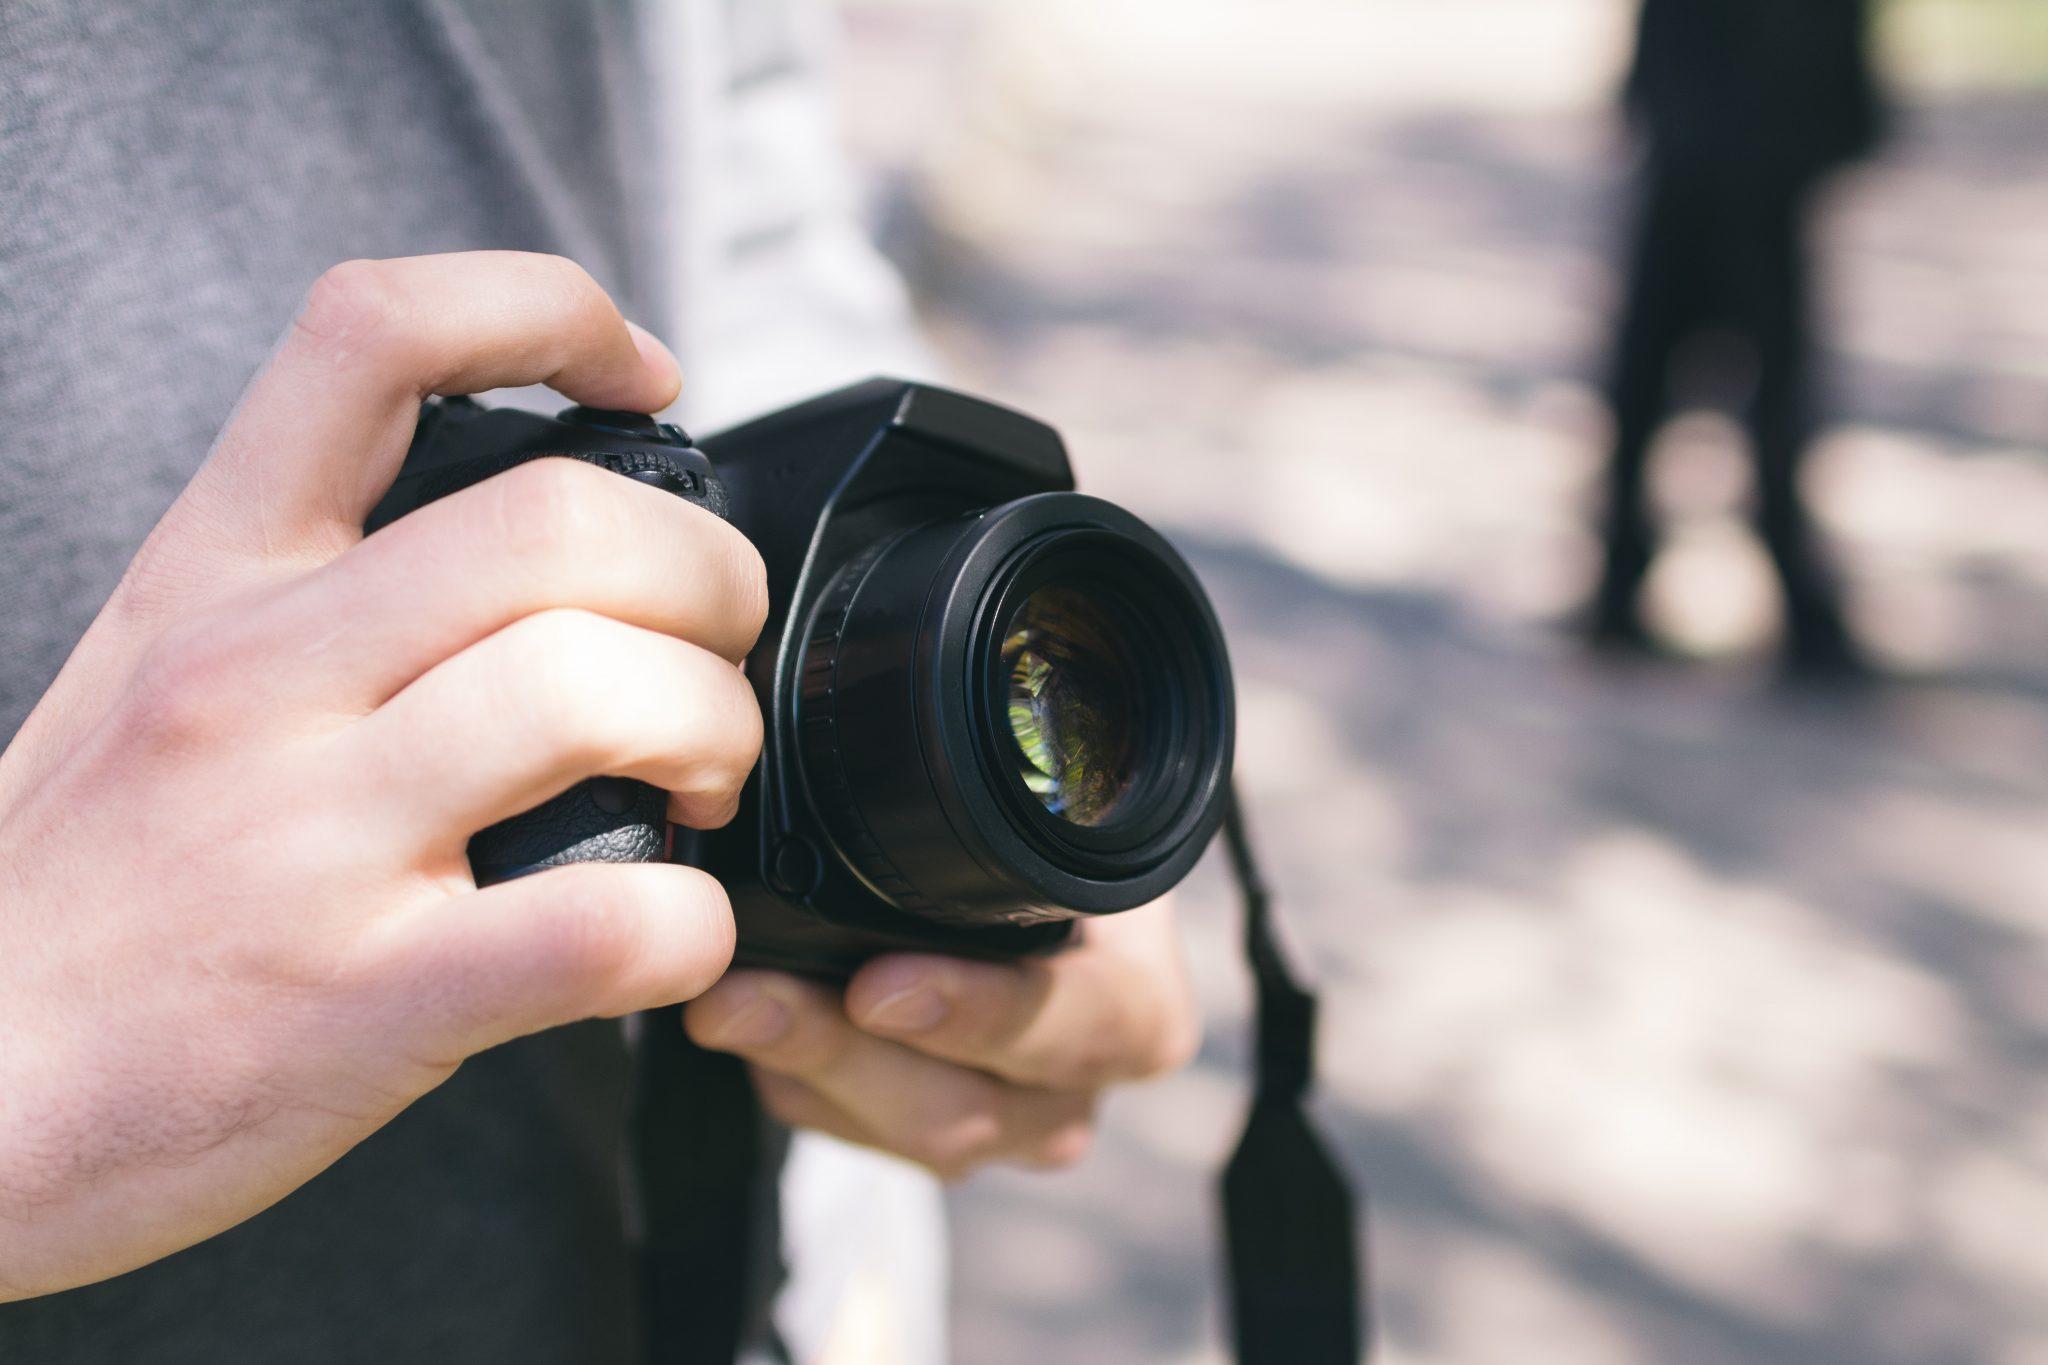 【初心者向け】カメラの選び方のポイントは?購入する前に知っておくべき4つのこと